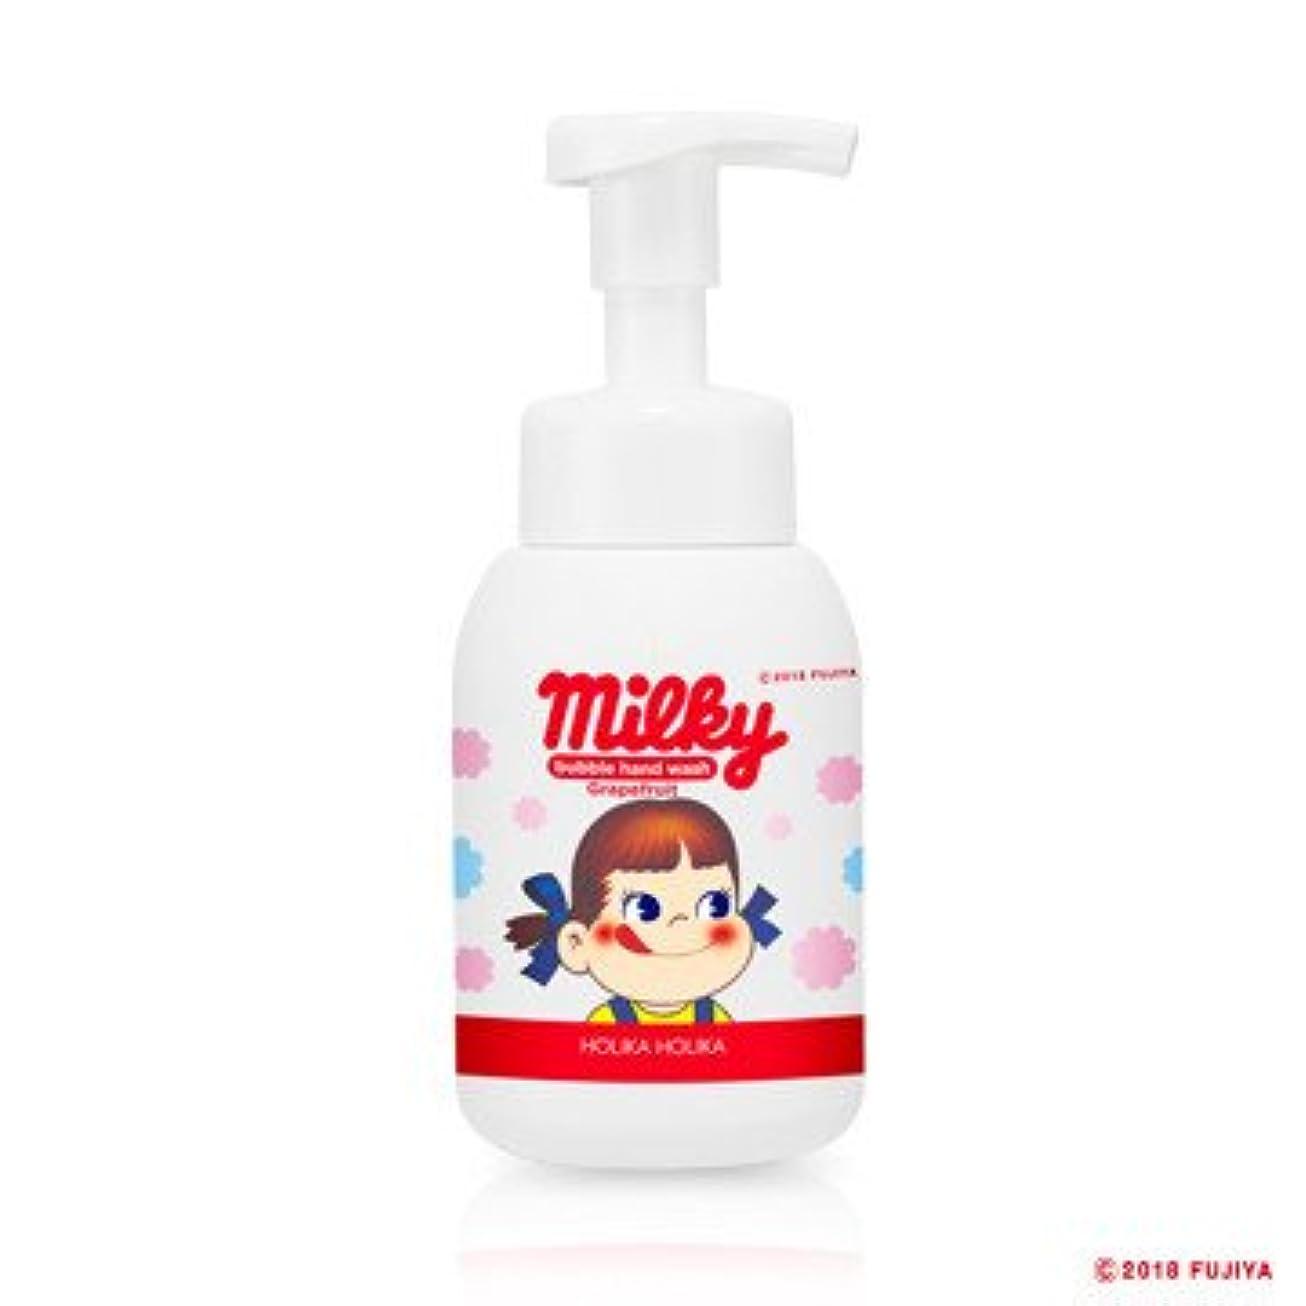 傑作考えた事Holika Holika [Sweet Peko Edition] Bubble Hand Wash/ホリカホリカ [スイートペコエディション] バブルハンドウォッシュ 250ml [並行輸入品]